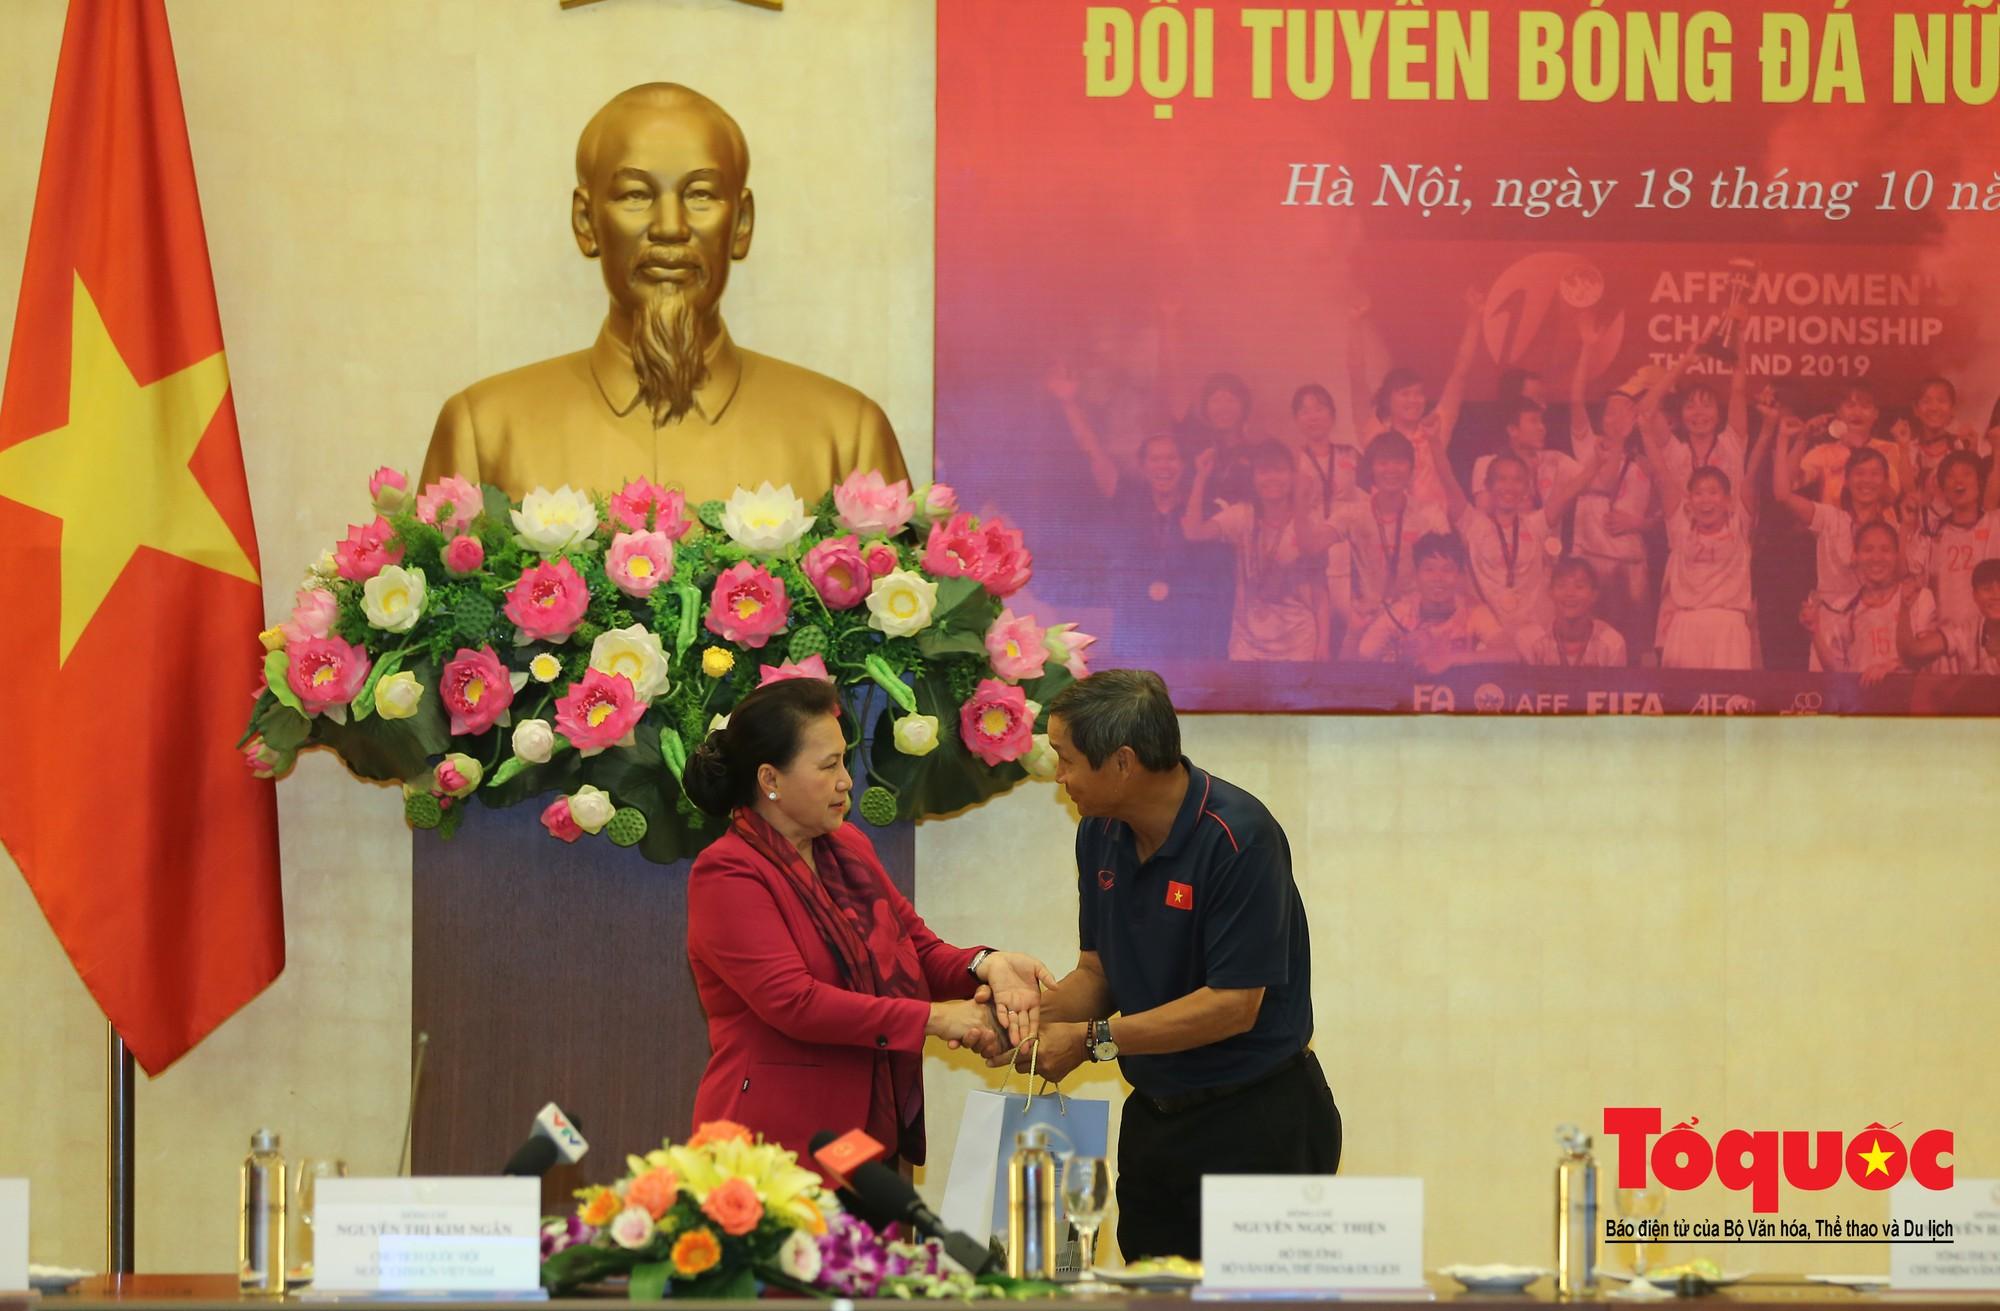 Chủ tịch Quốc hội Nguyễn Thị Kim Ngân: Bóng đá nam nhìn thành tích bóng đá nữ còn phải mơ ước dài11